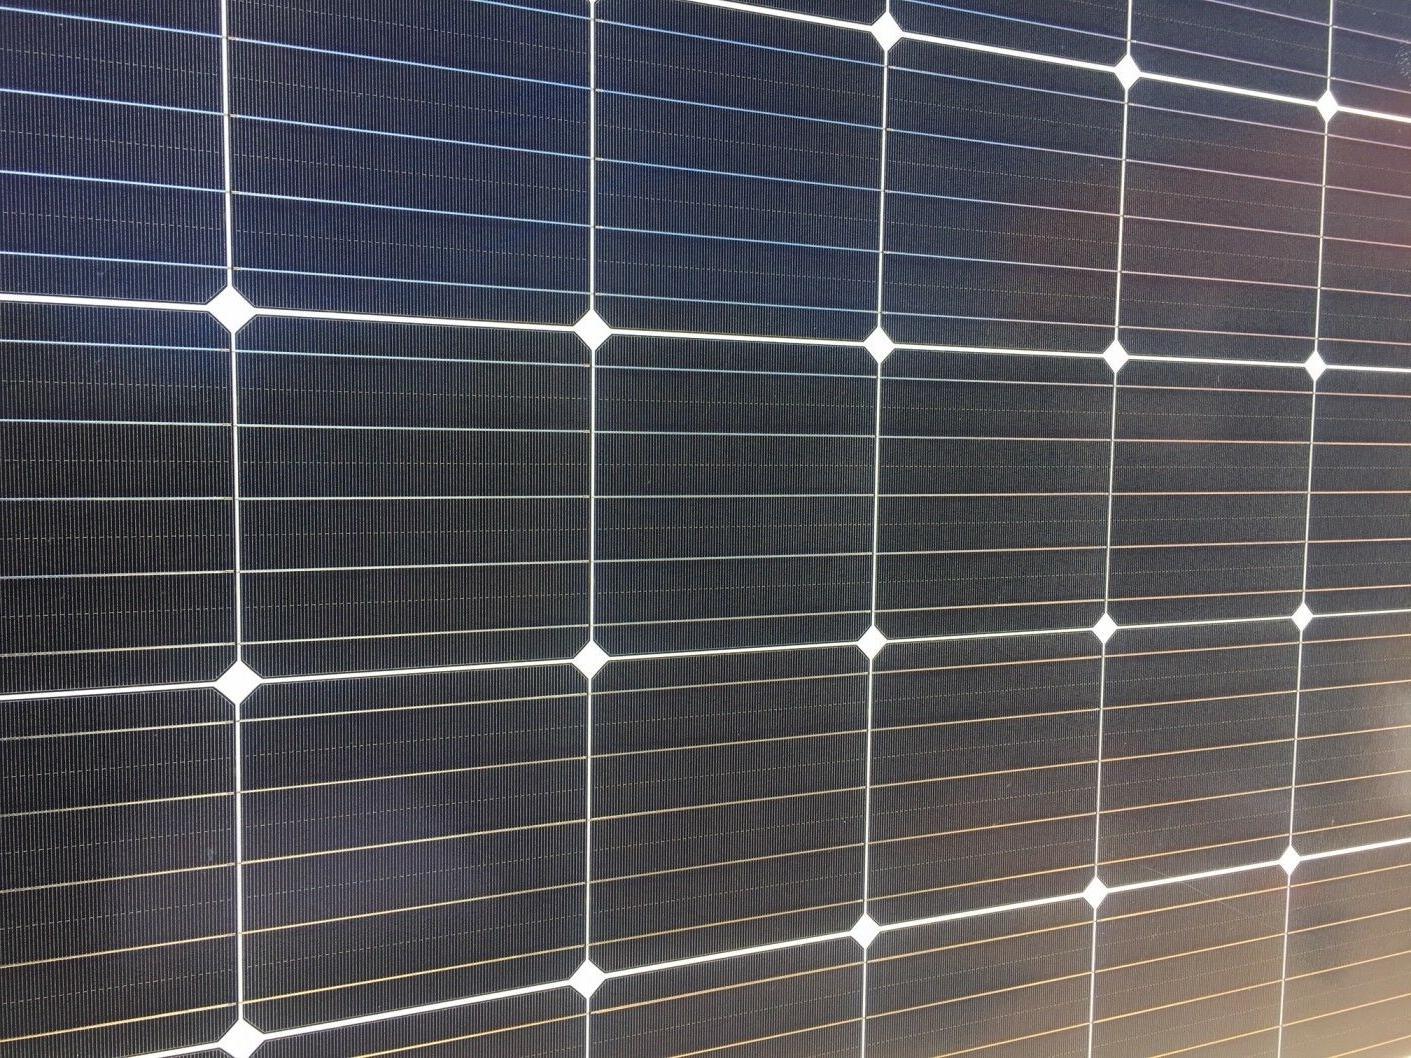 Trina 72 Cell Solar 335 Watt